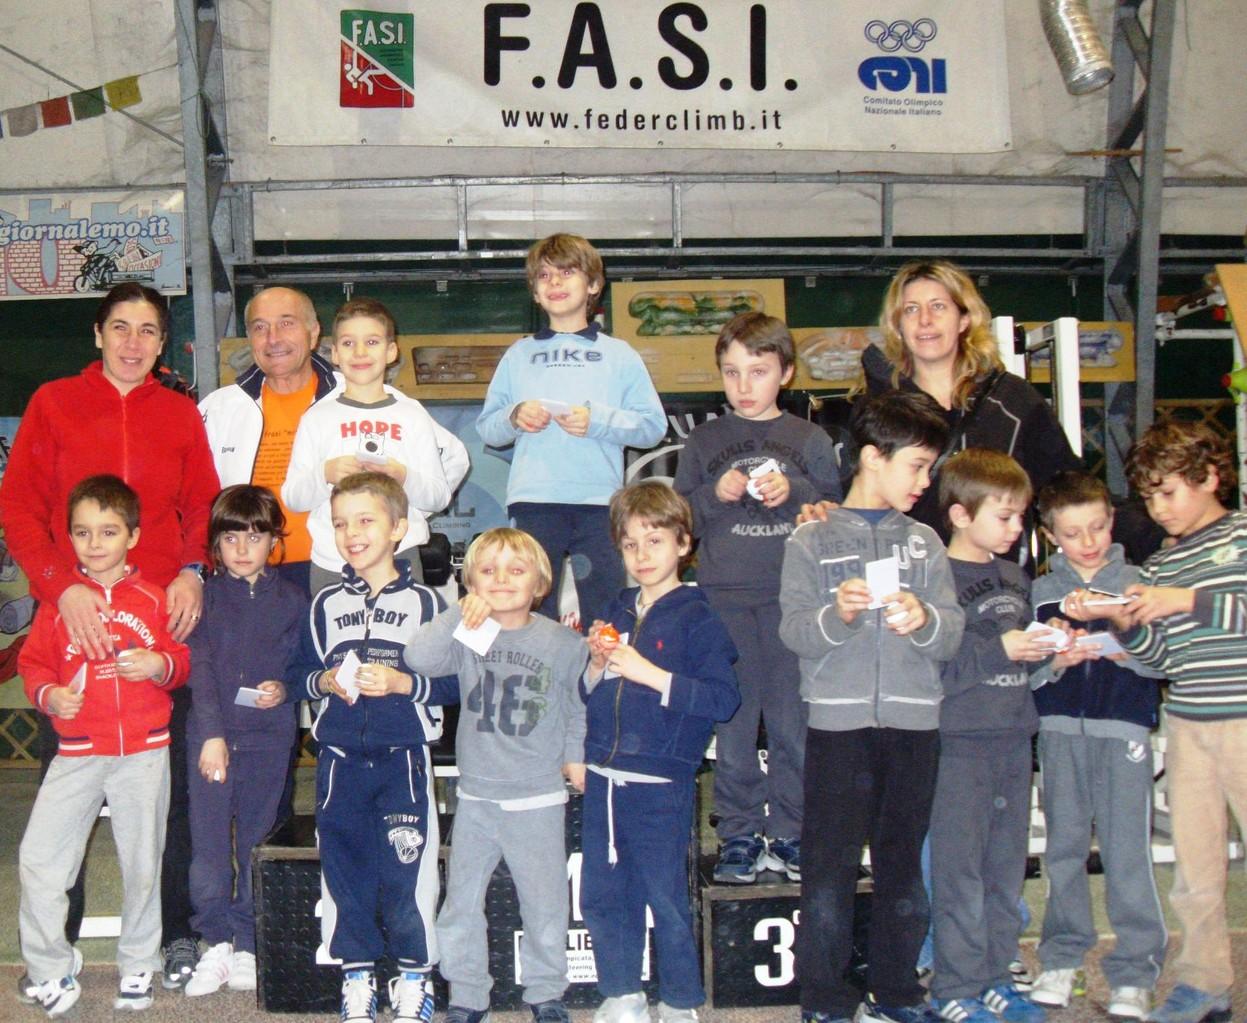 Premiazione Gara velocità feb 2011